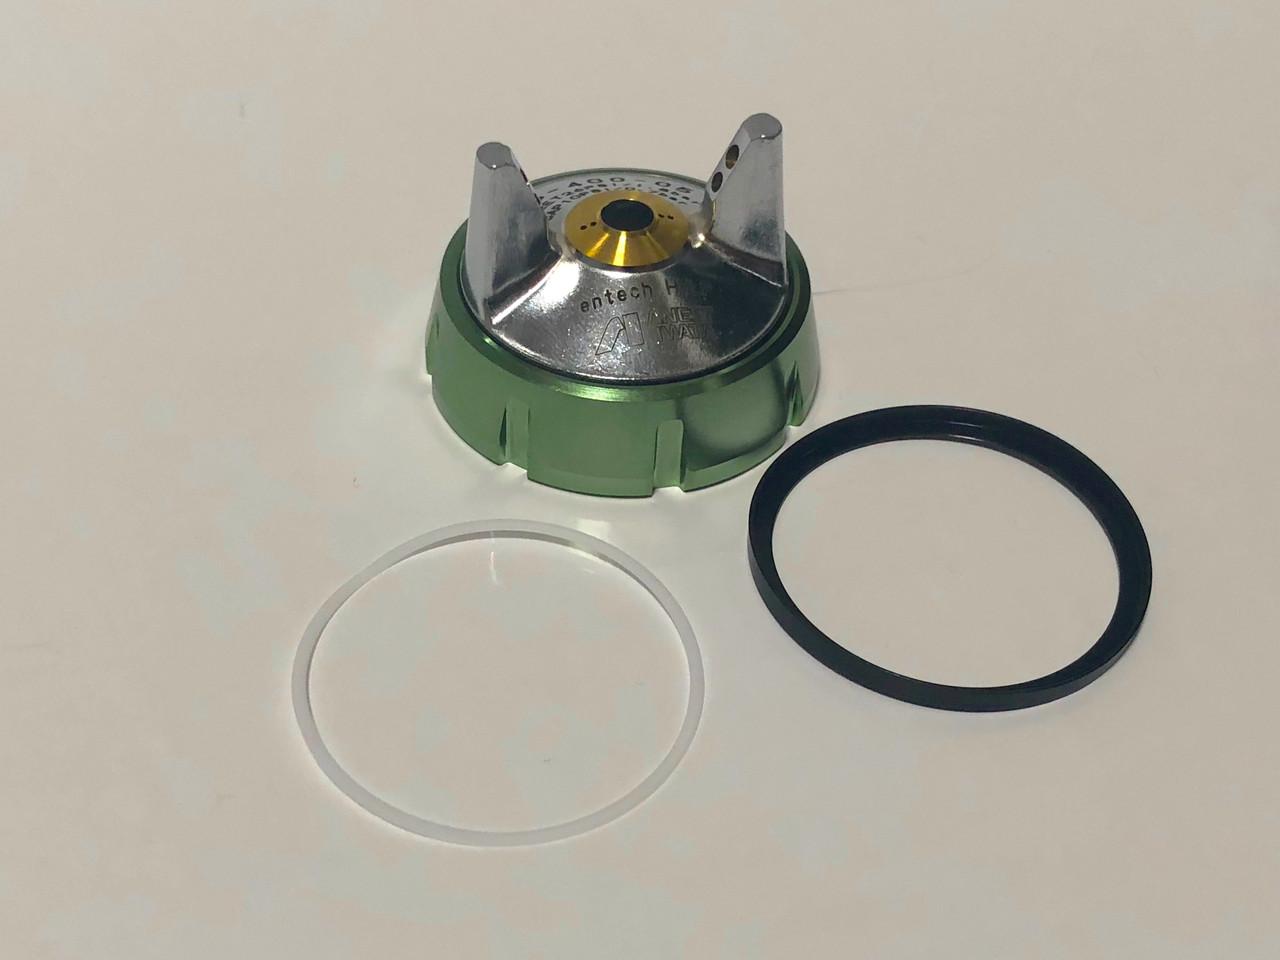 Прокладки для воздушной головки к краскопульту Iwata WS-400